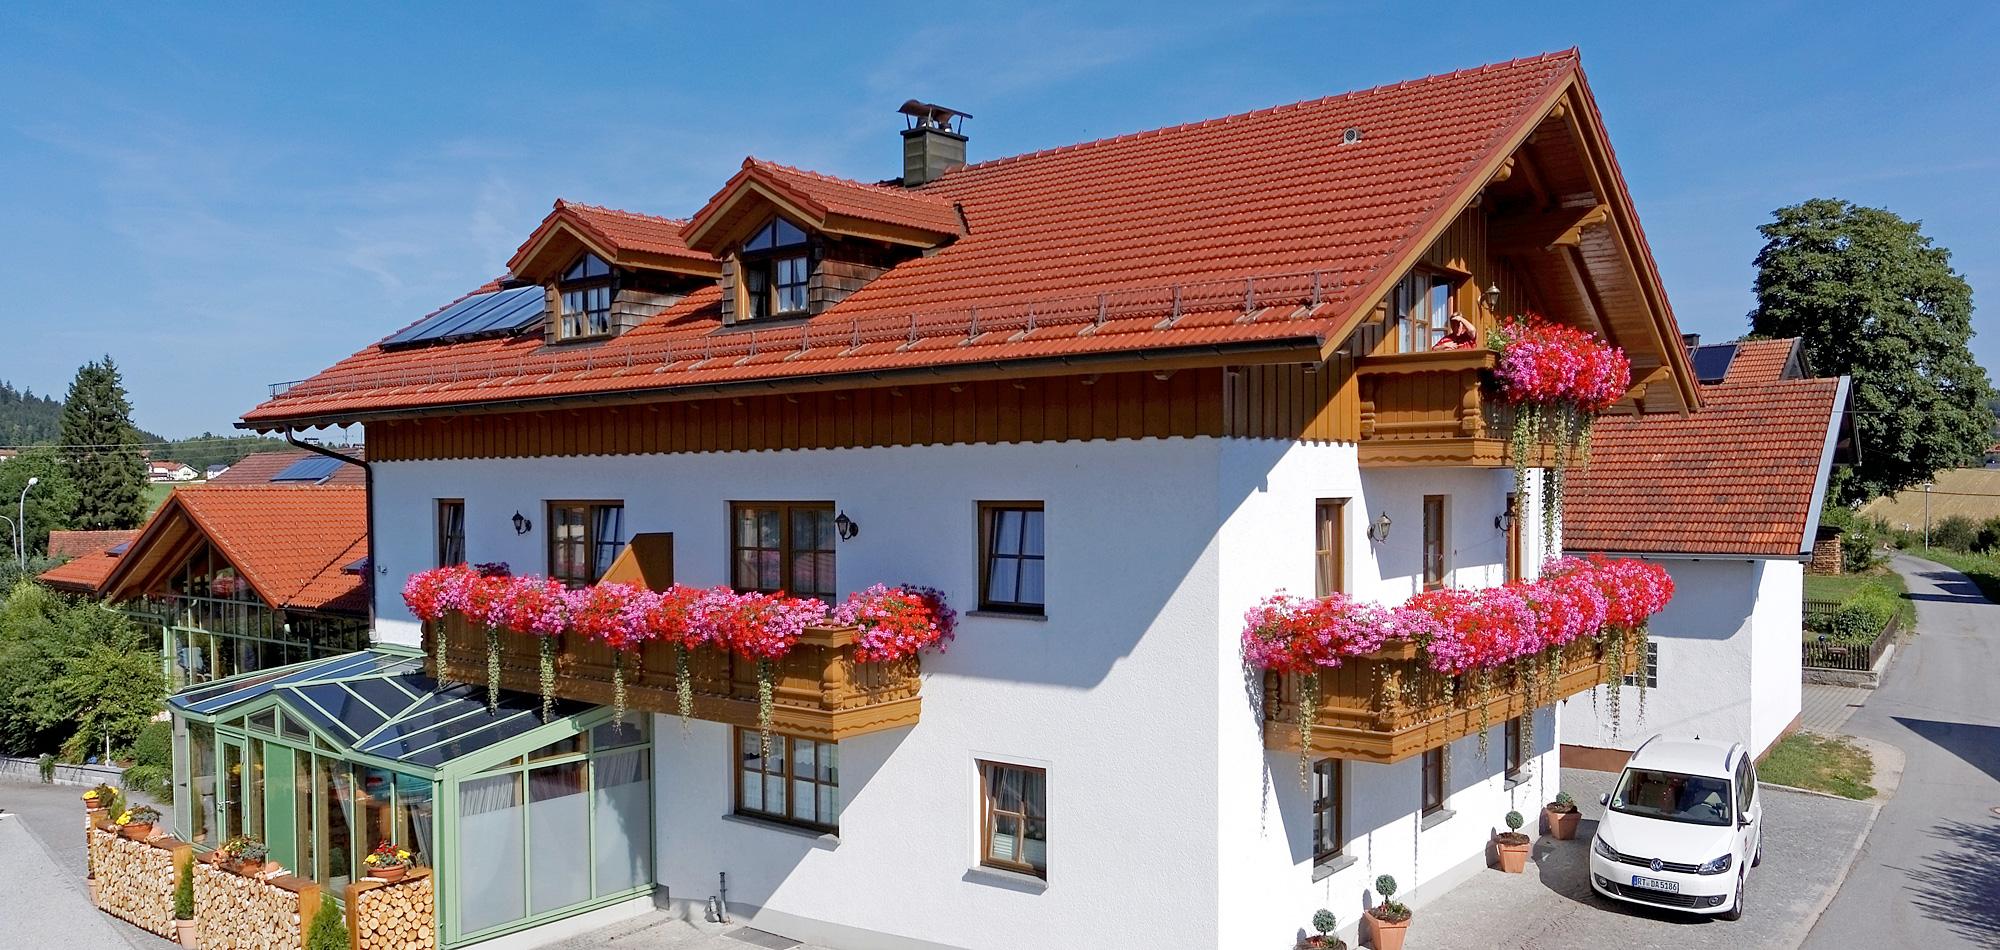 Ferienwohnungen in Triefenried und Gottlesried in Bayern